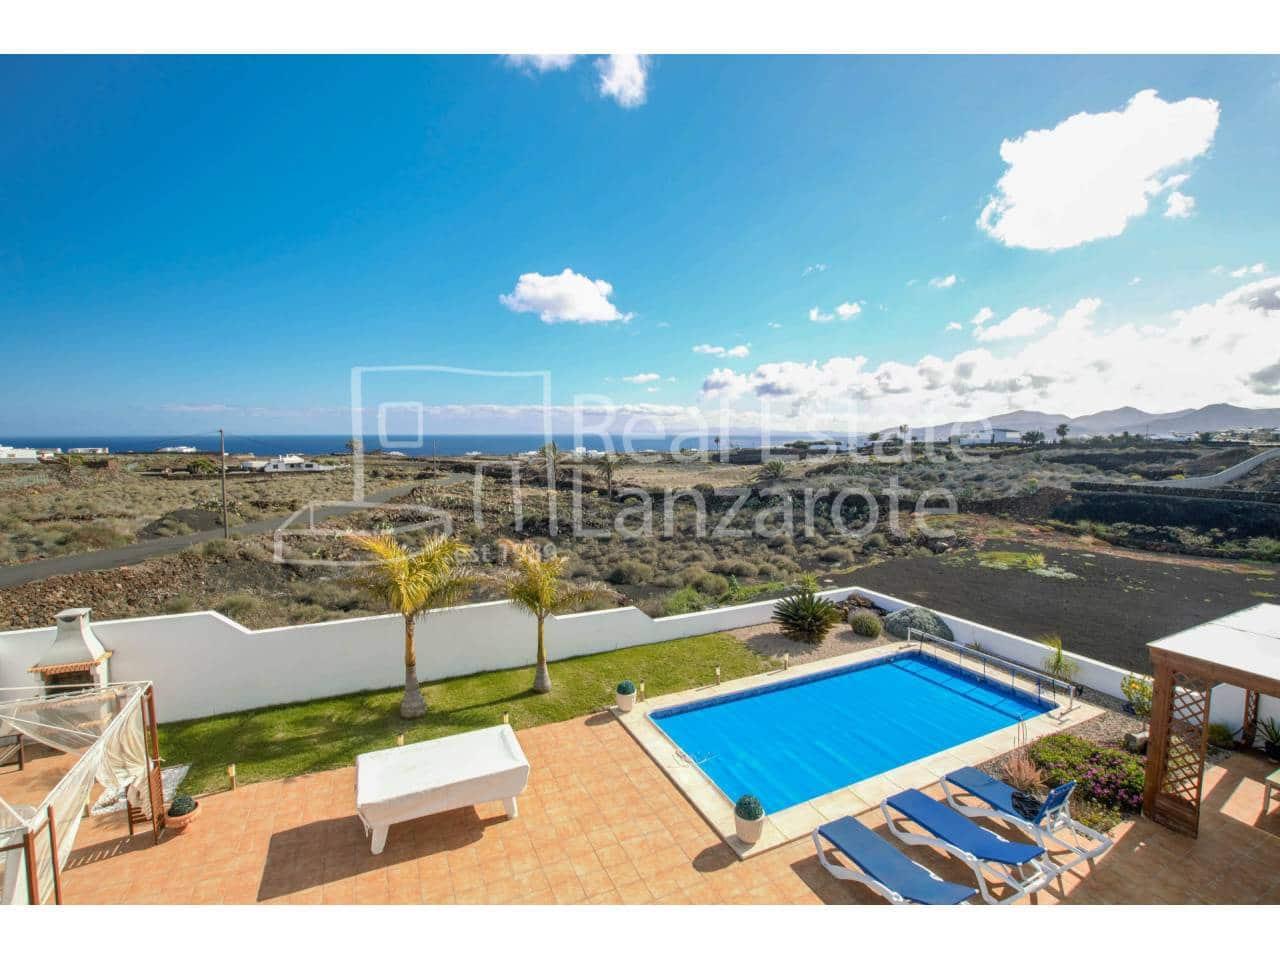 Casa de 5 habitaciones en Macher en venta - 545.000 € (Ref: 4888948)